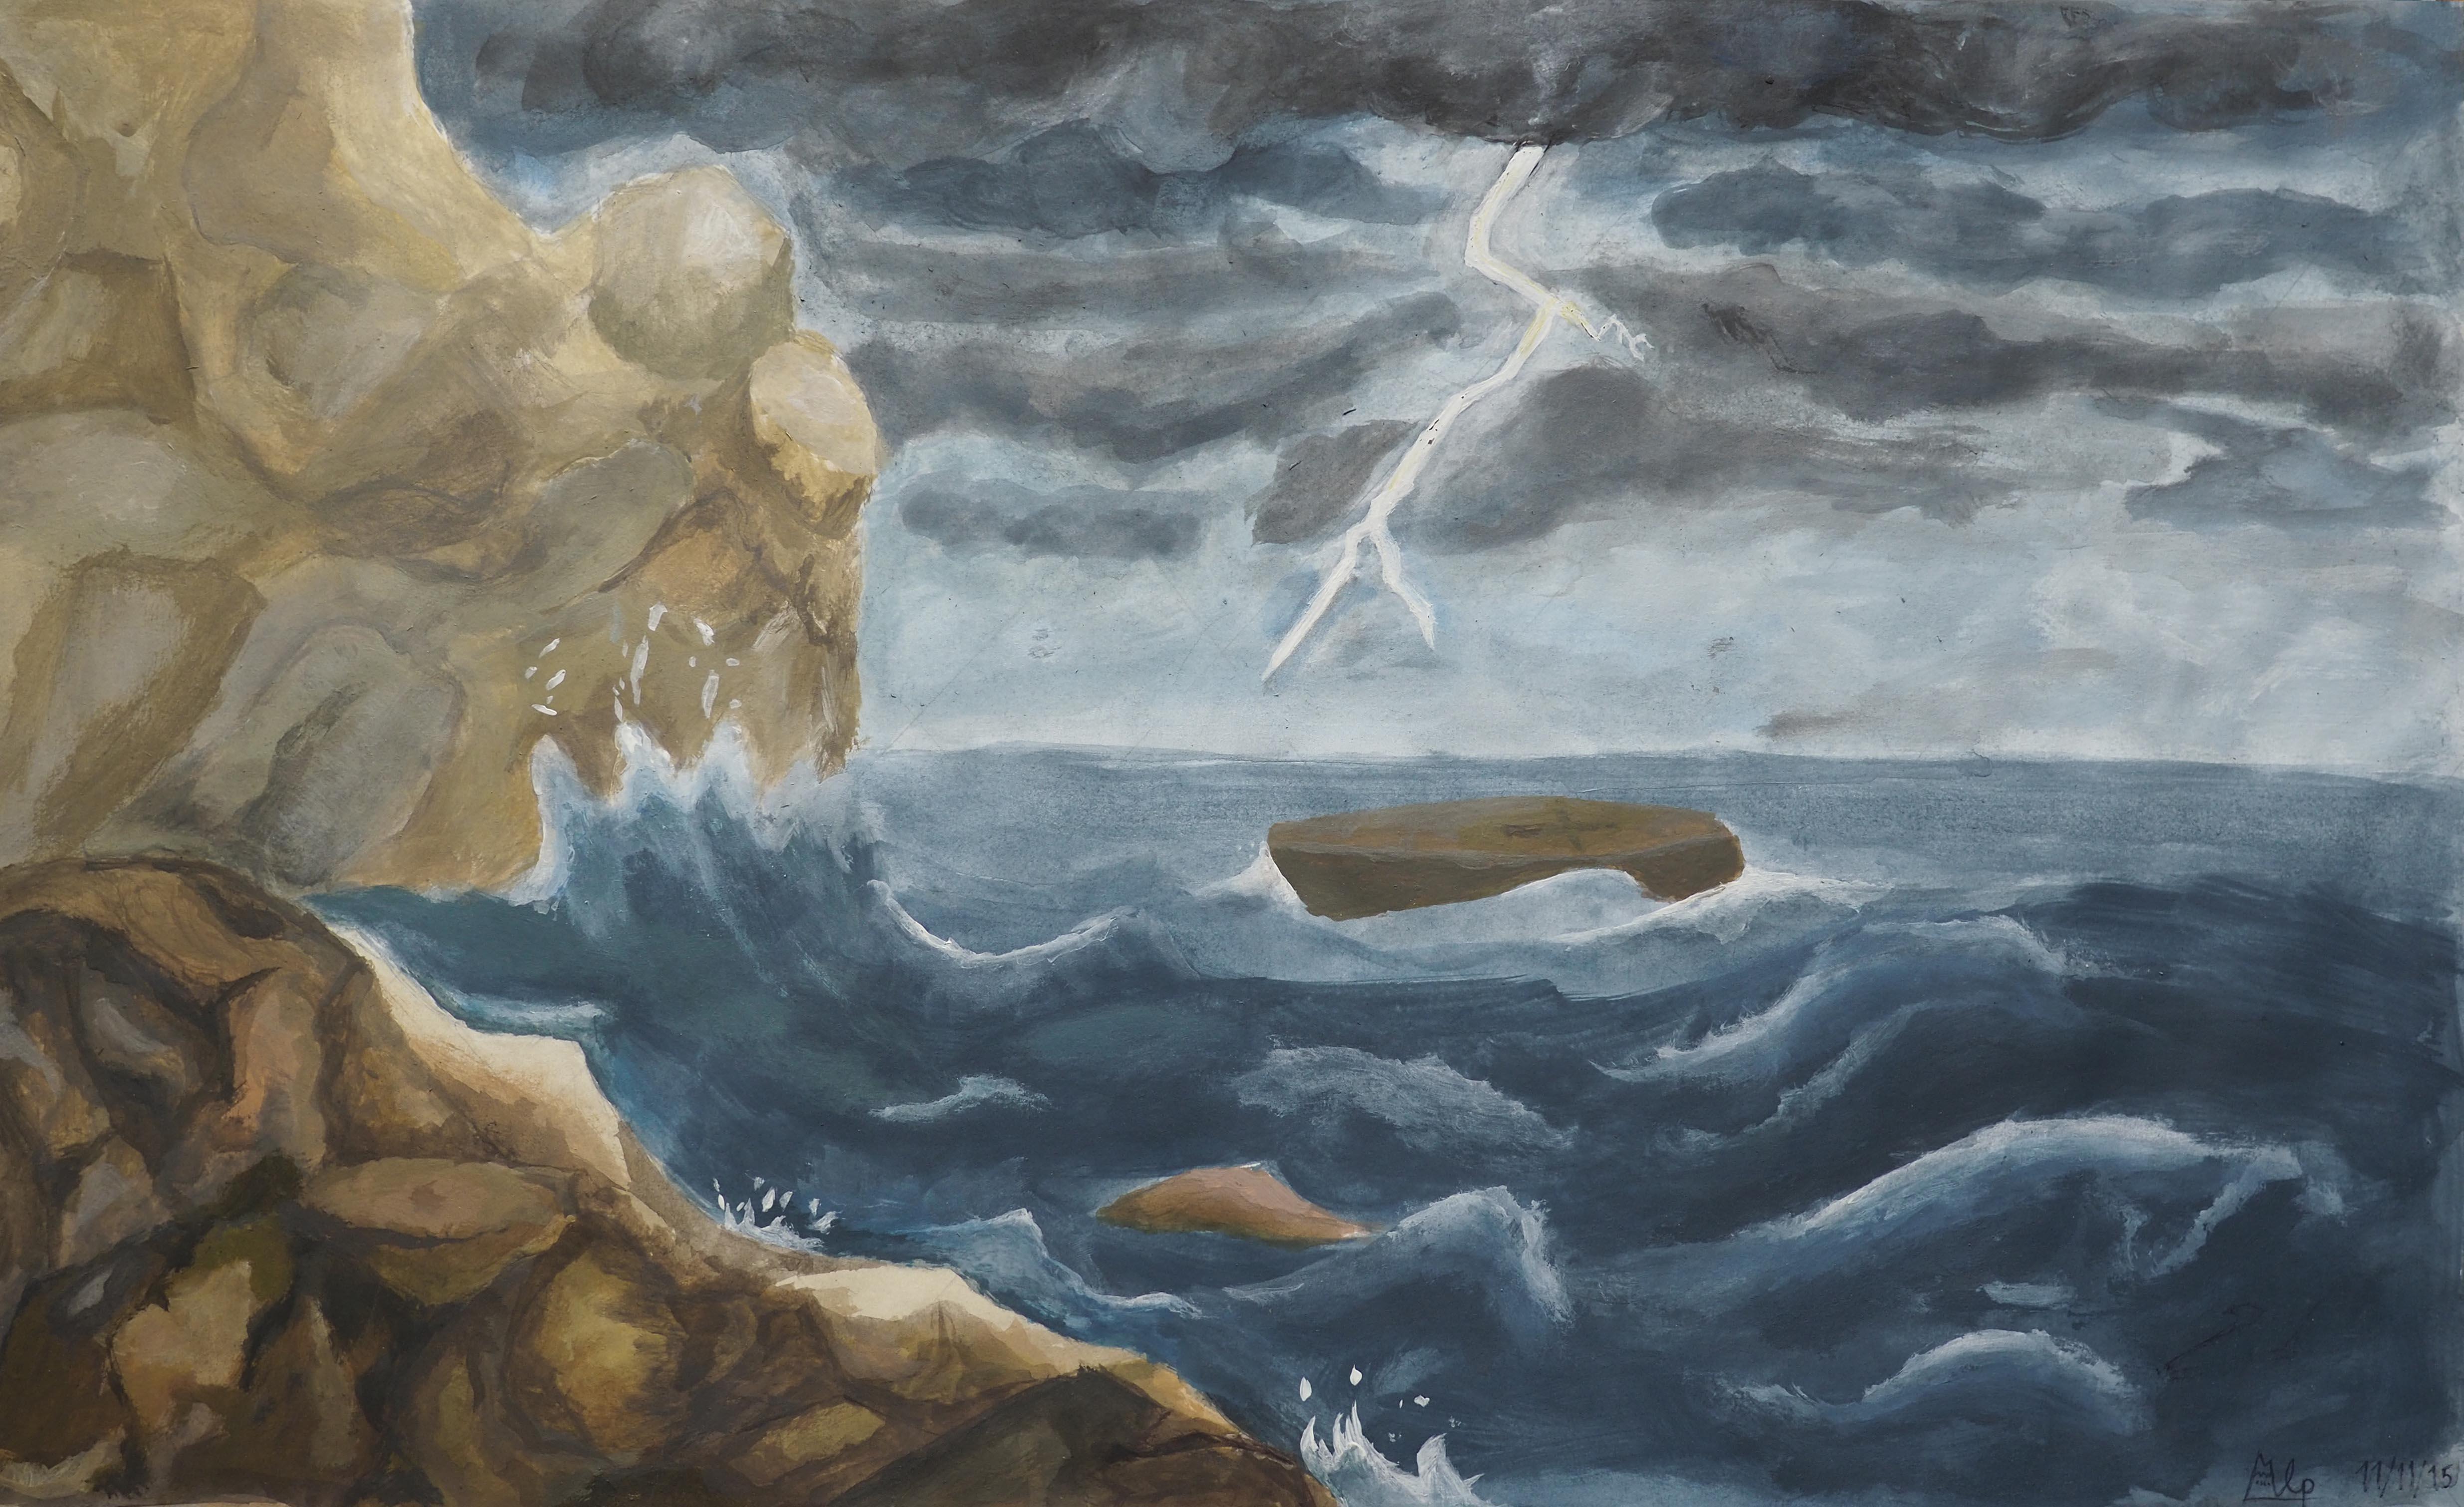 Alp Kurdoglu, 31x50